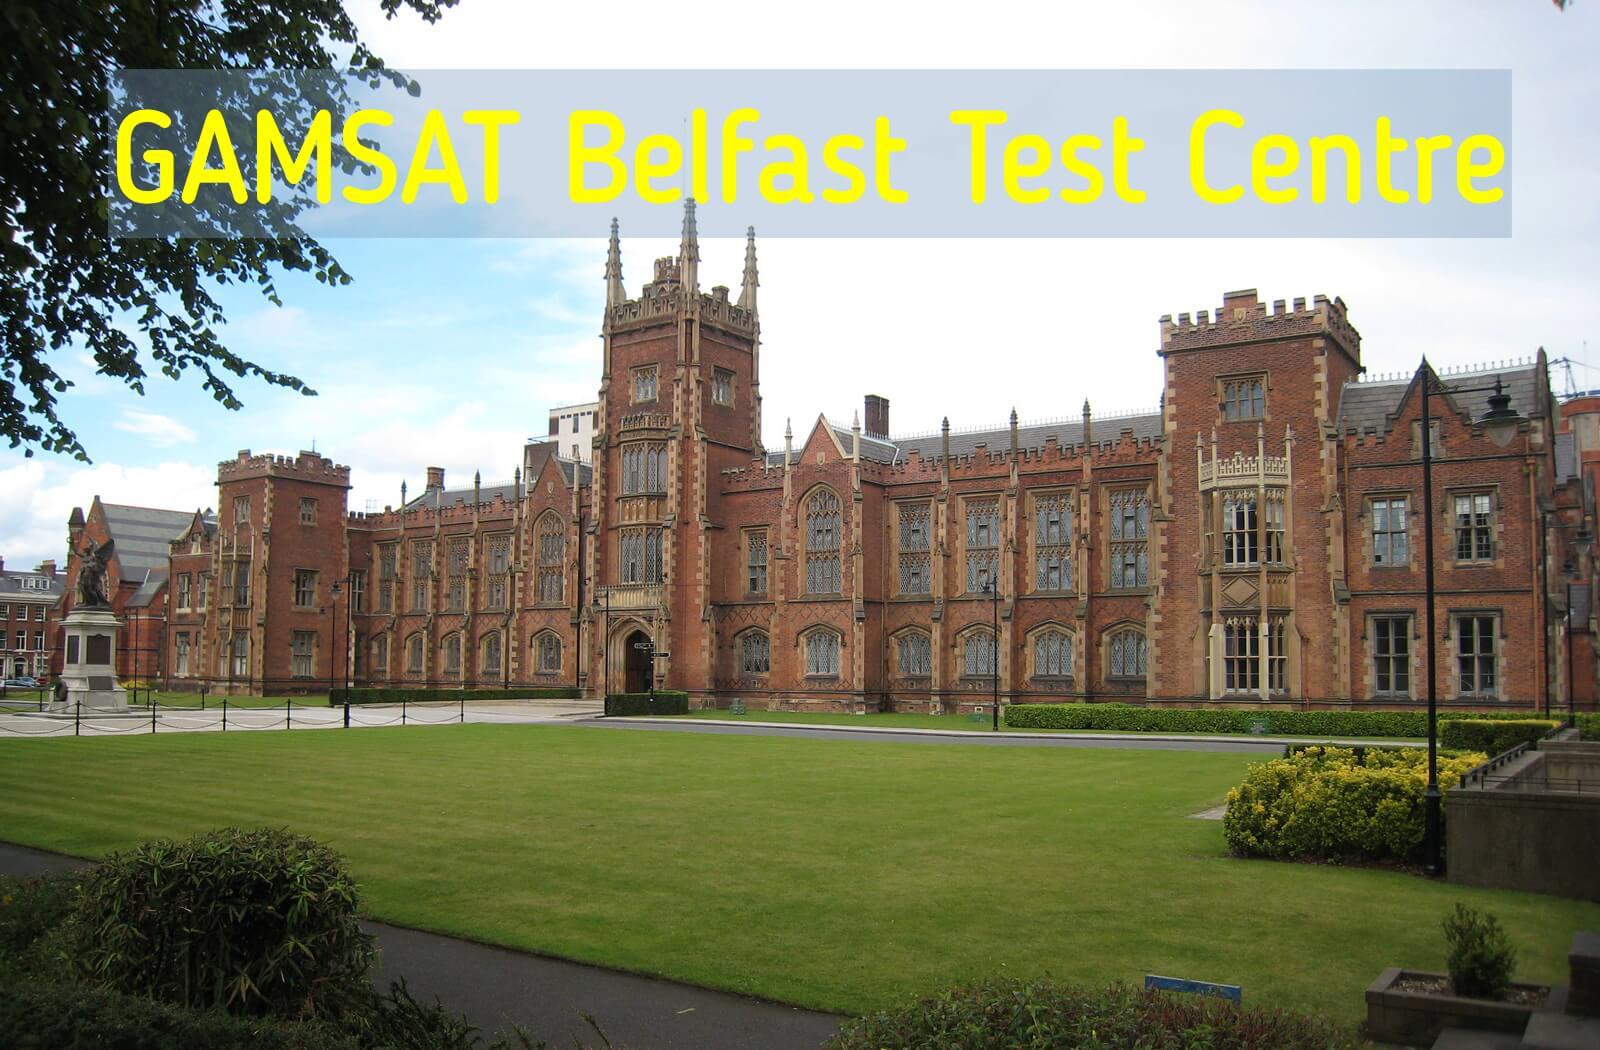 Where is GAMSAT held in Belfast?